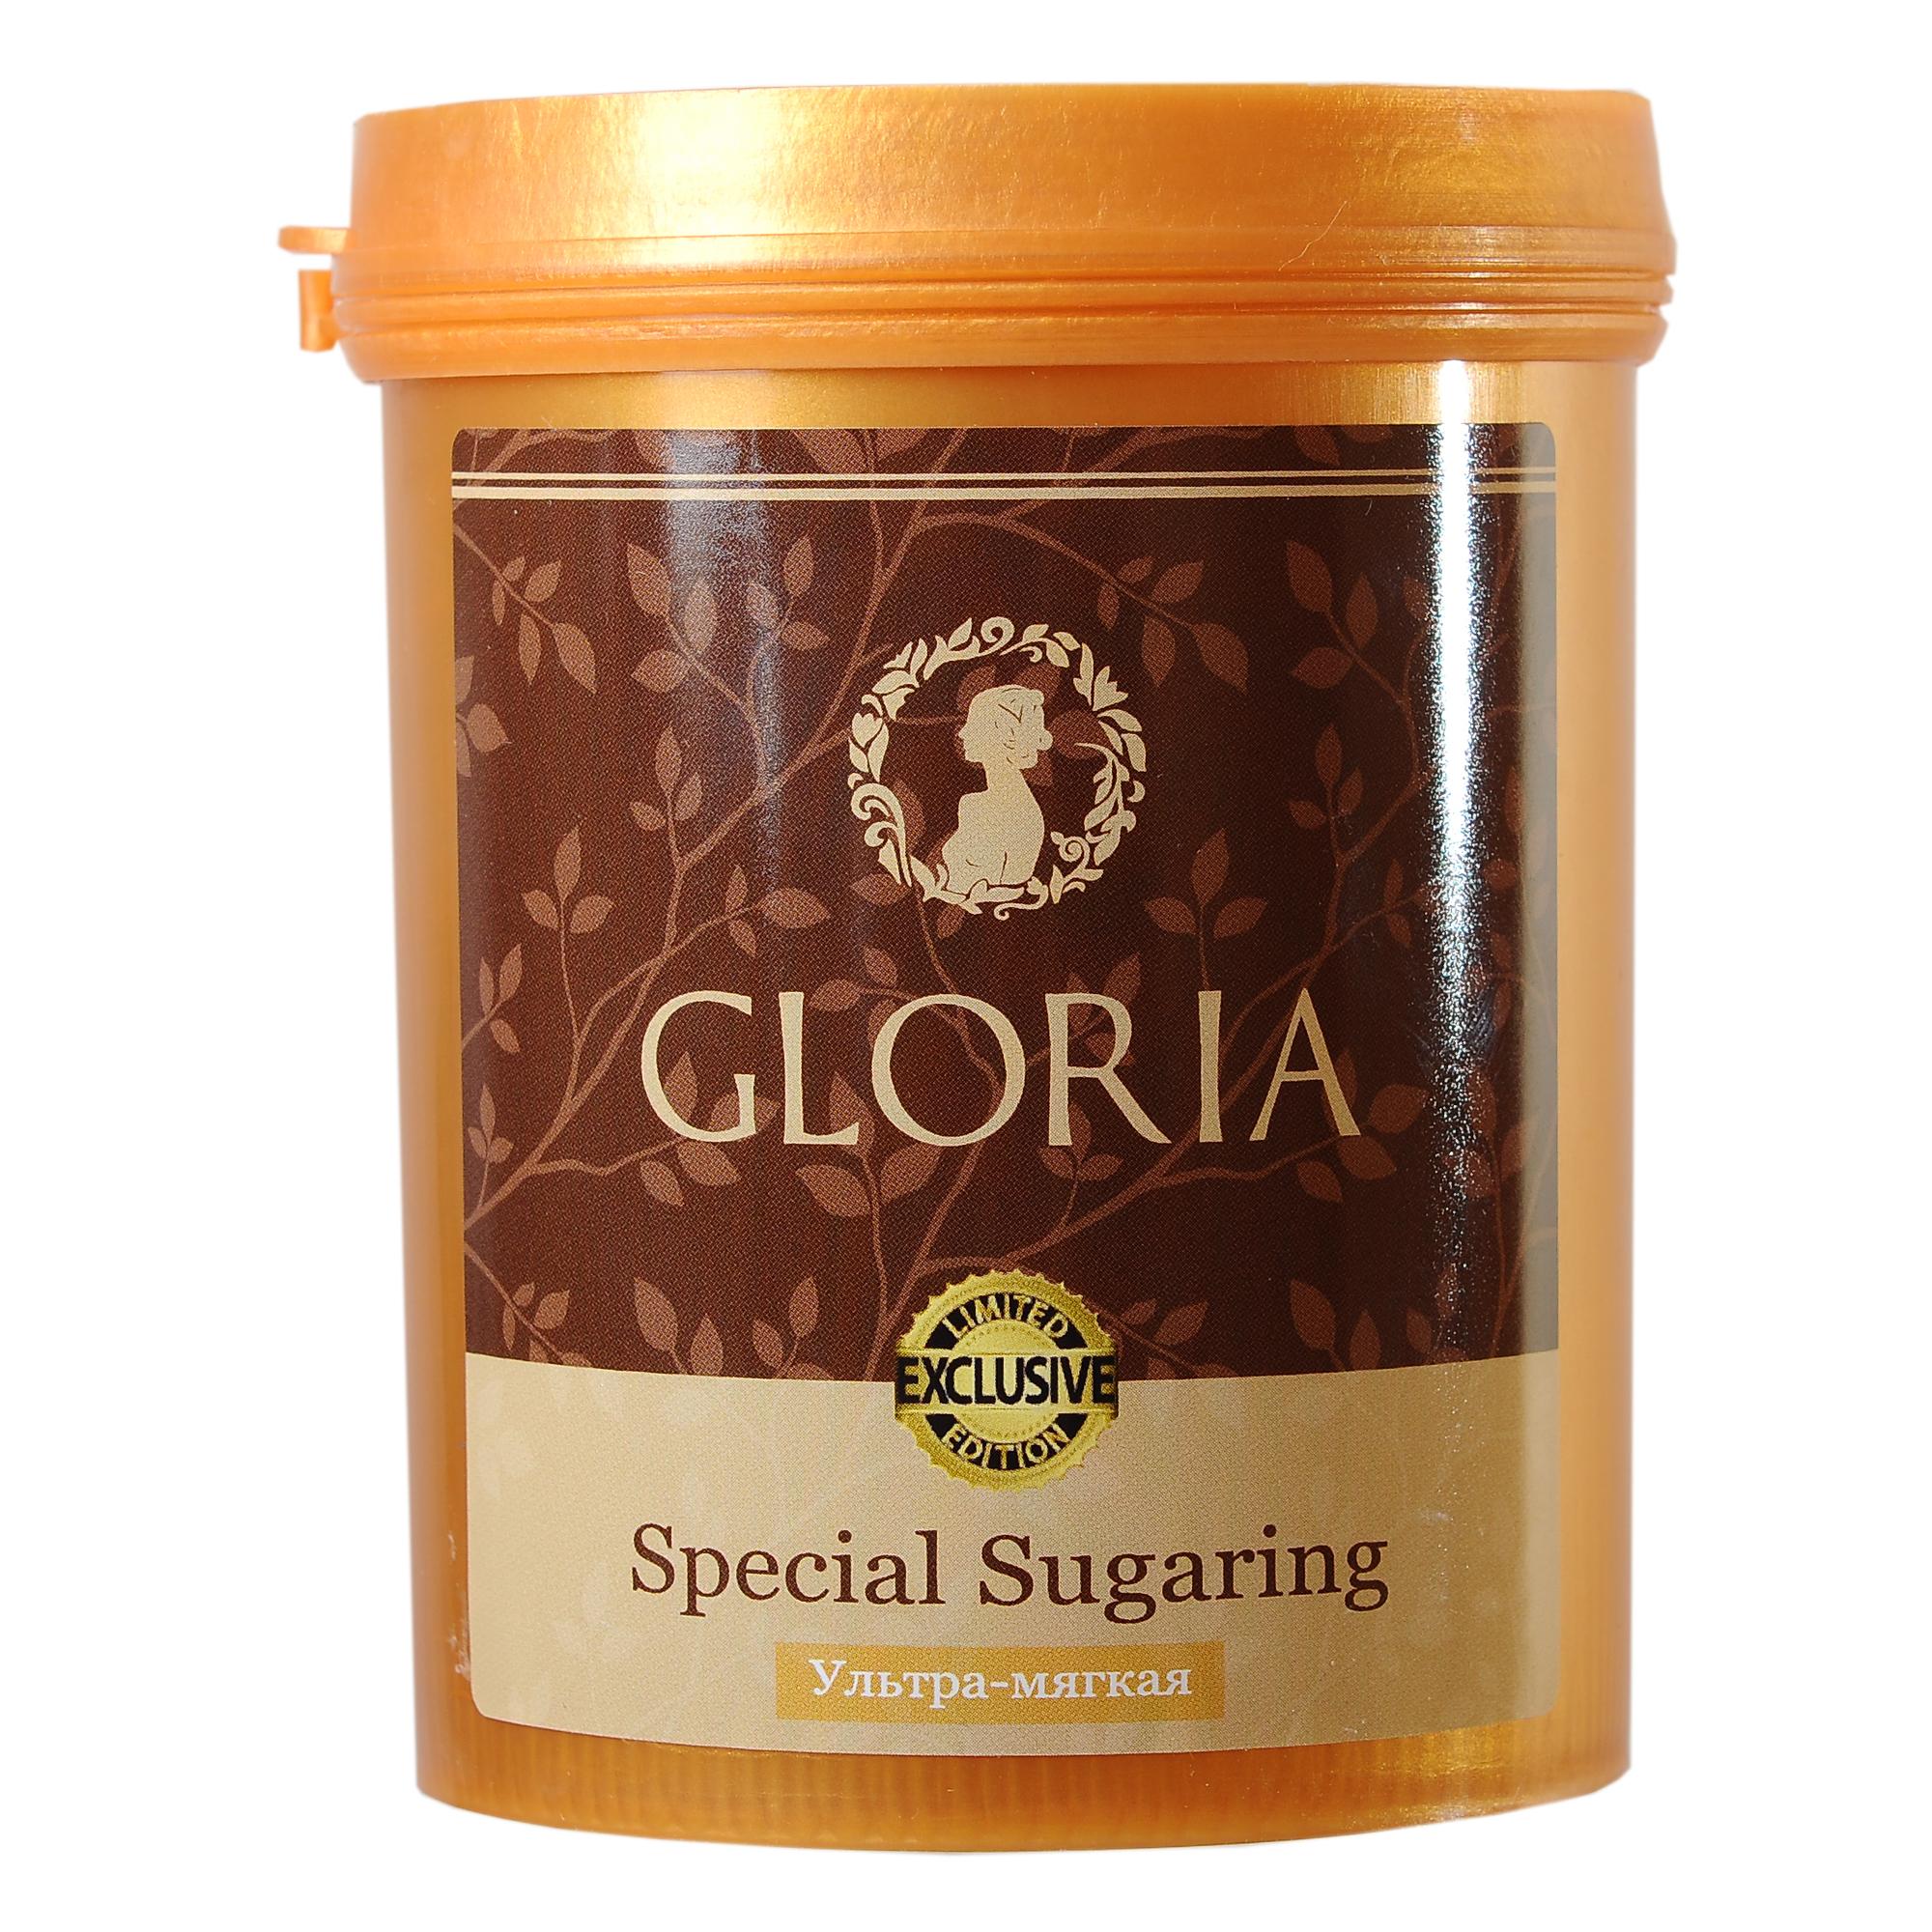 GLORIA Паста для шугаринга Gloria Exclusive ультра мягкая 0,8 кг оборудование по производству пасты шугаринга